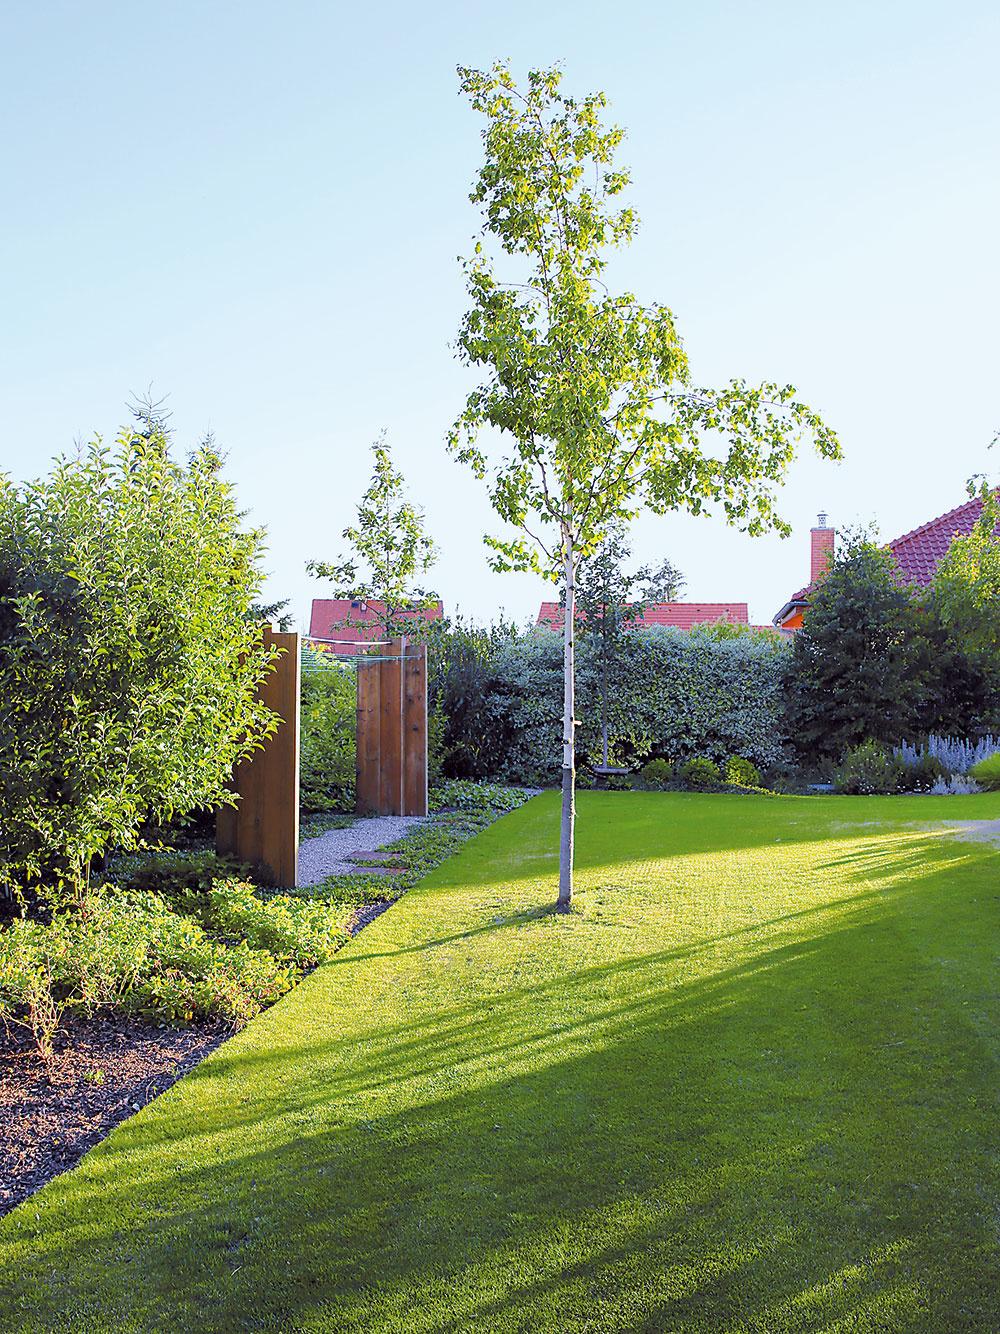 Sušiak na bielizeň bol tiež súčasťou zadania. Záhradní architekti ho stvárnili tak, aby do záhrady príjemne zapadol a nepôsobil rušivo.